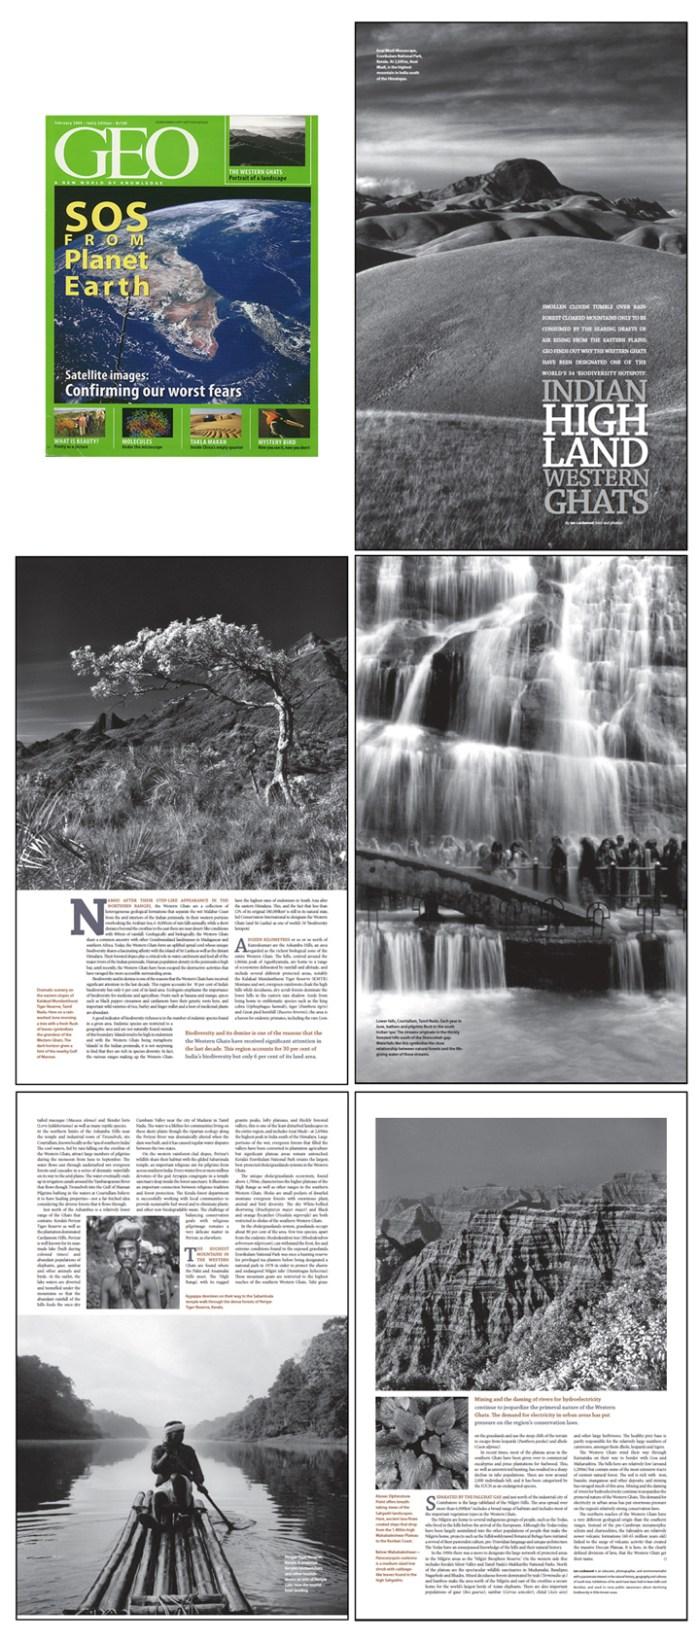 Main Western Ghats article (Geo, February 2009)